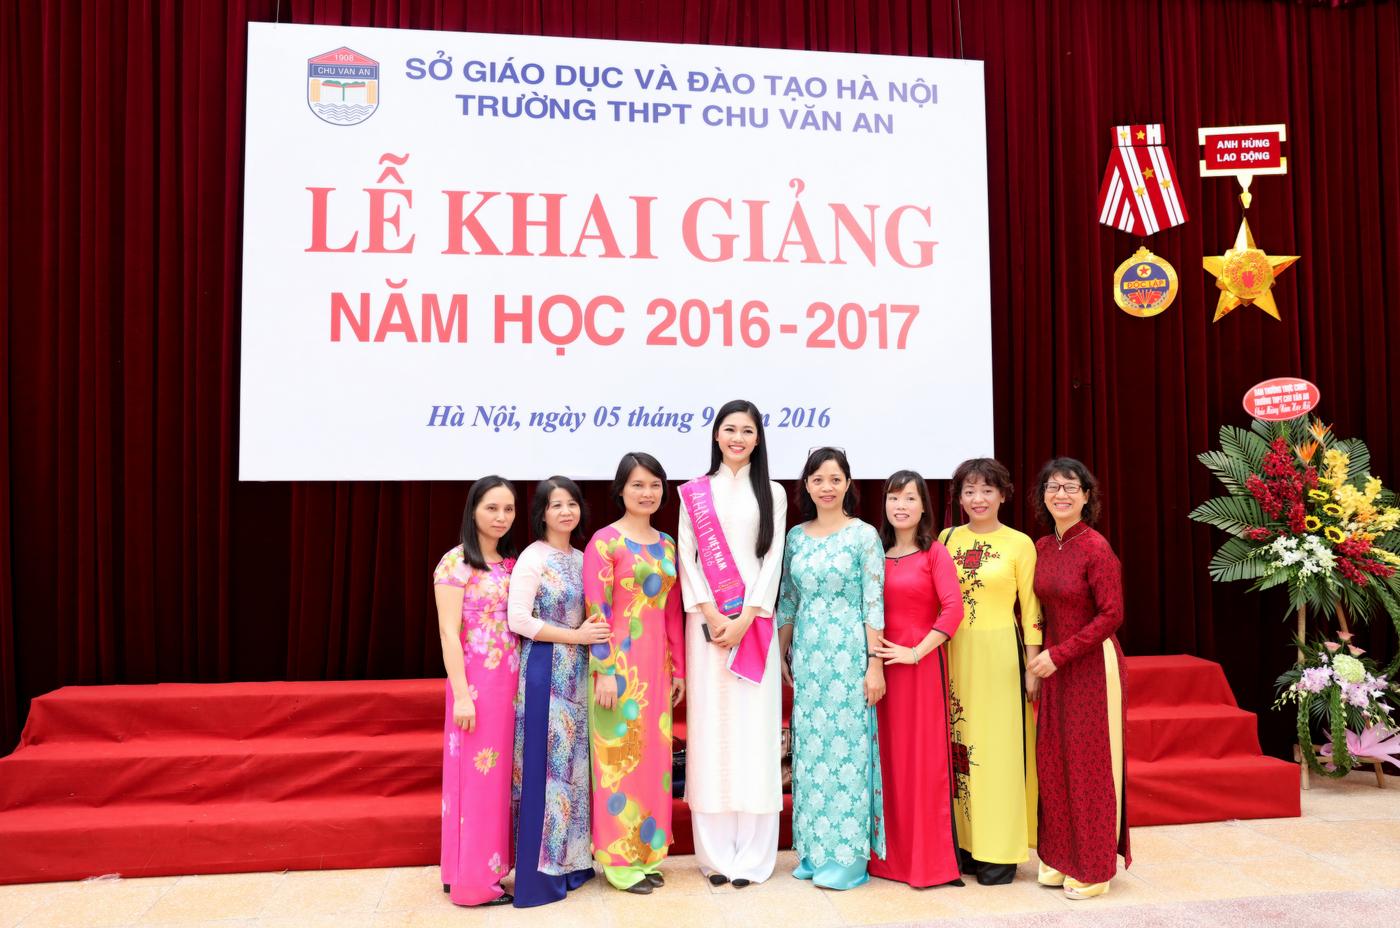 Á hậu 1 Ngô Thanh Thanh Tú về dự lễ khai giảng trường Chu Văn An 8